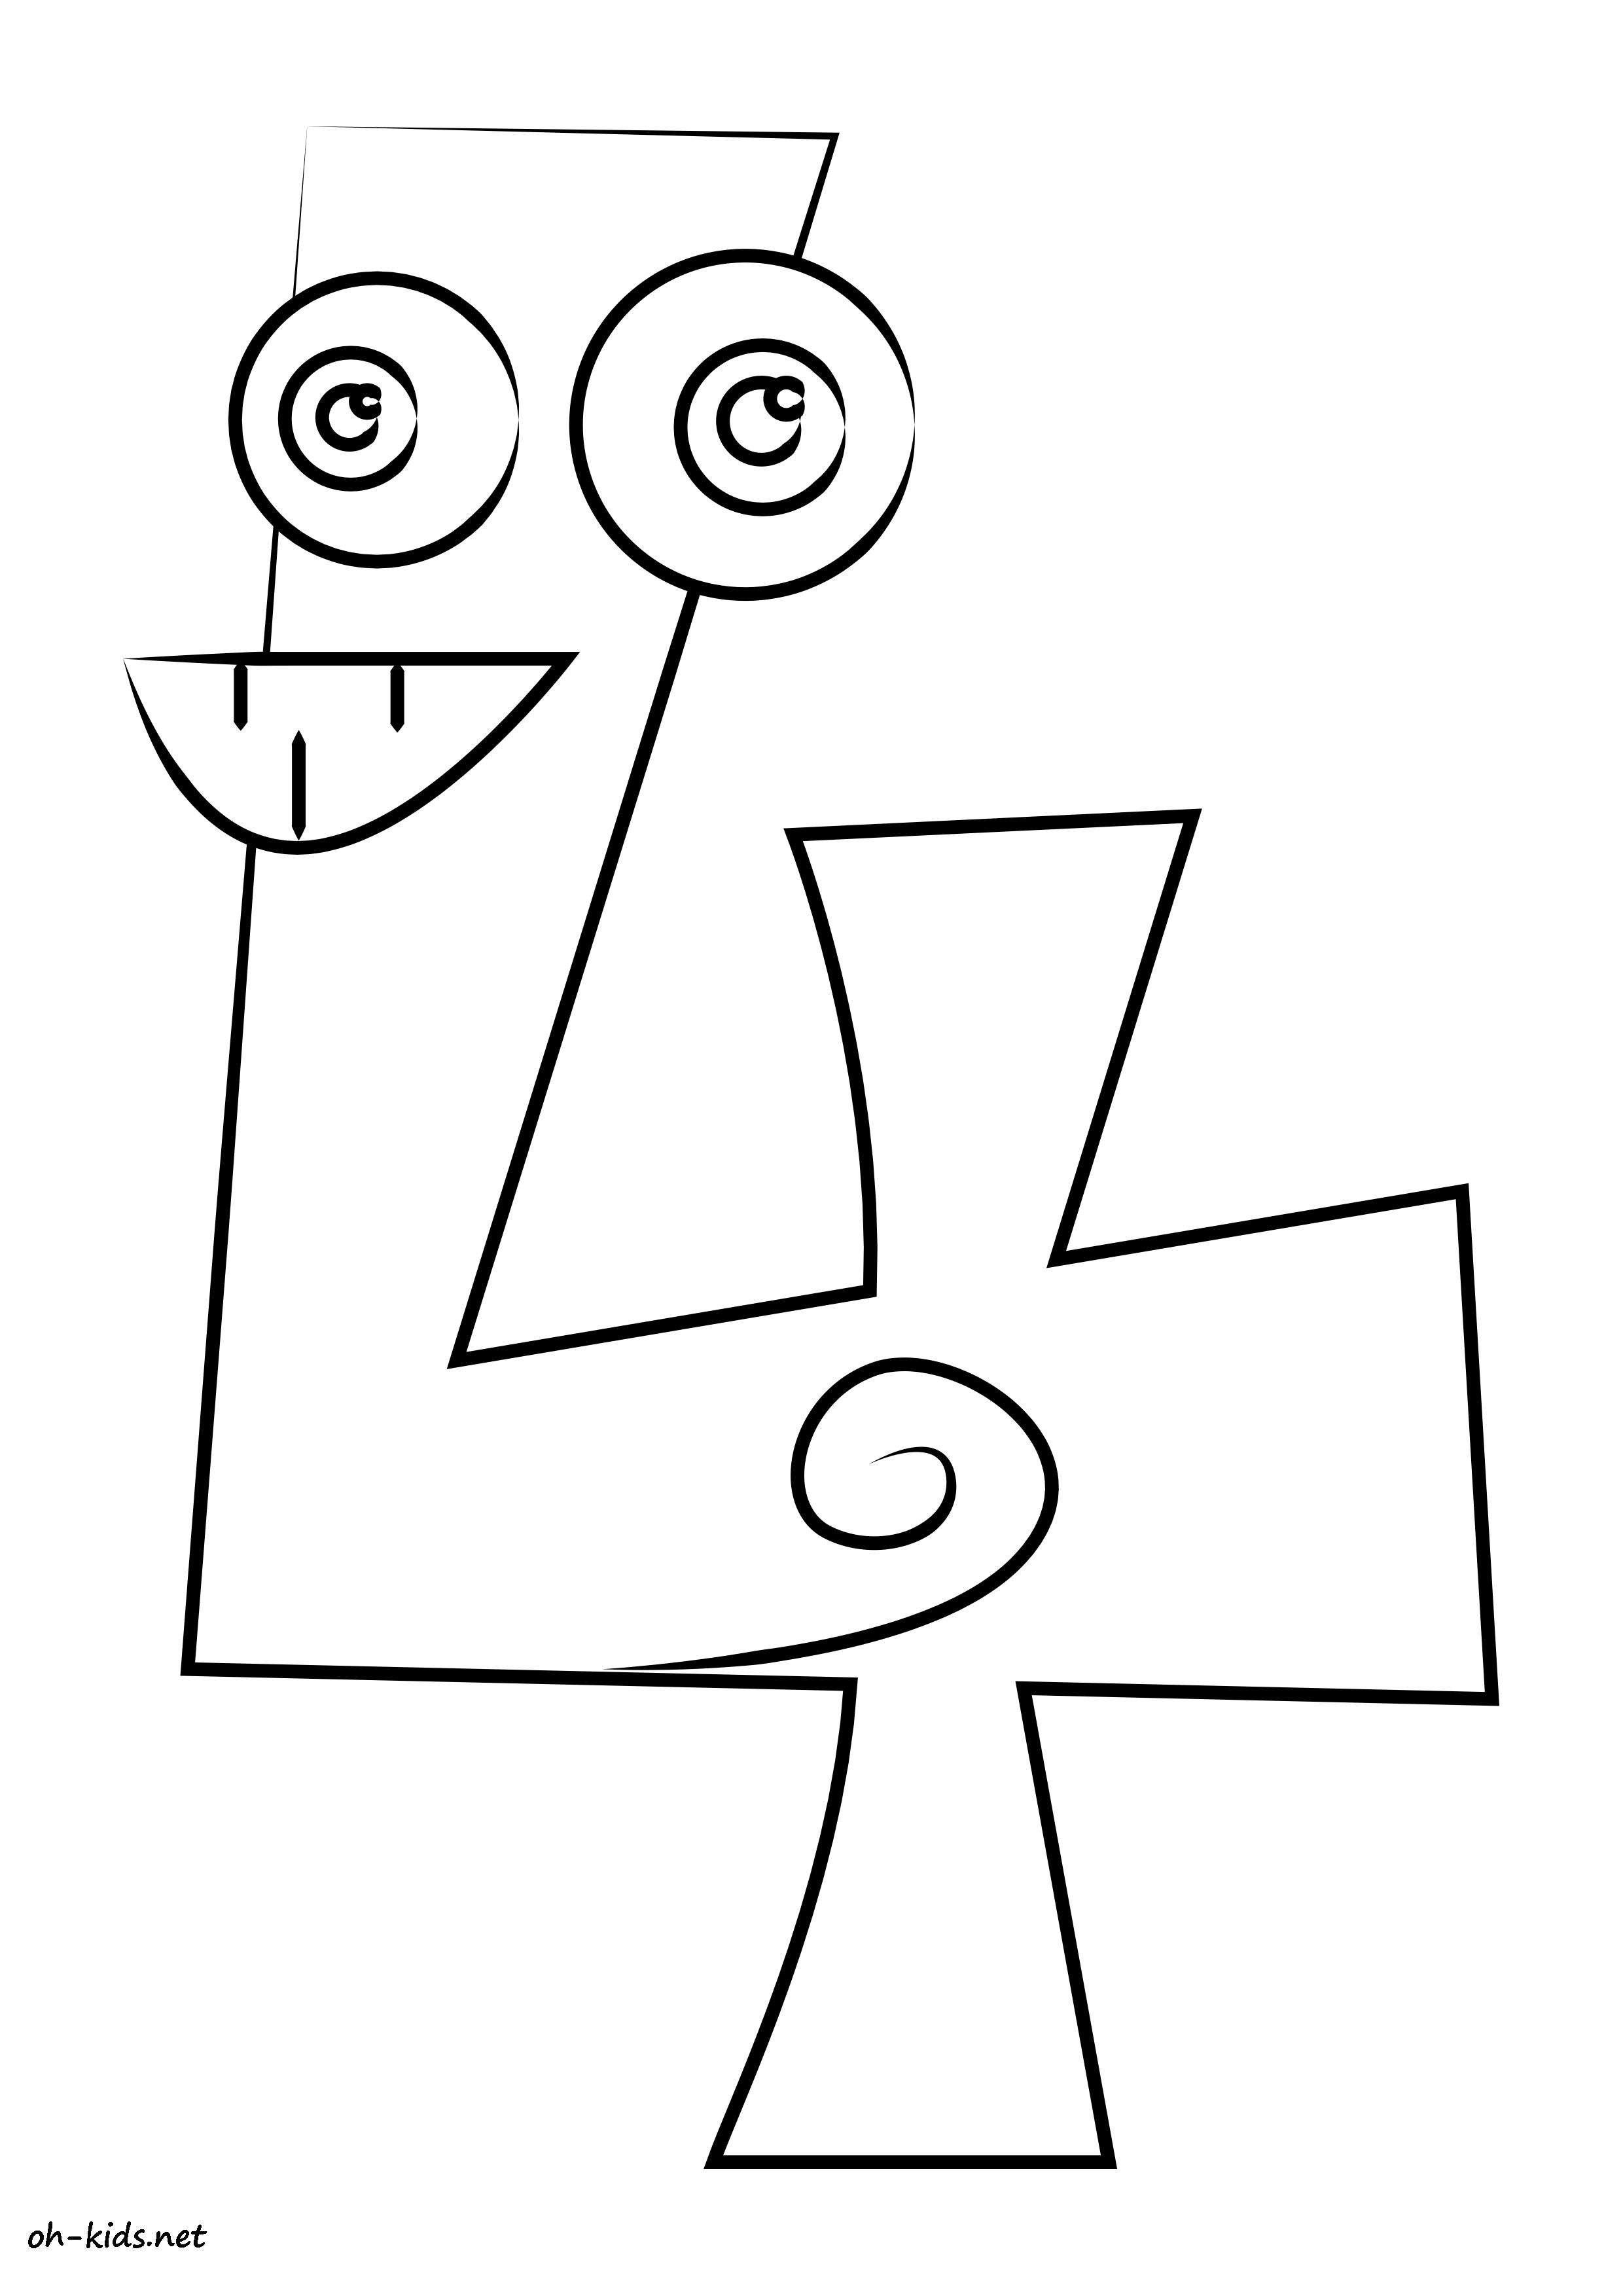 Coloriage Chiffres - Oh Kids Fr destiné Coloriage Chiffre